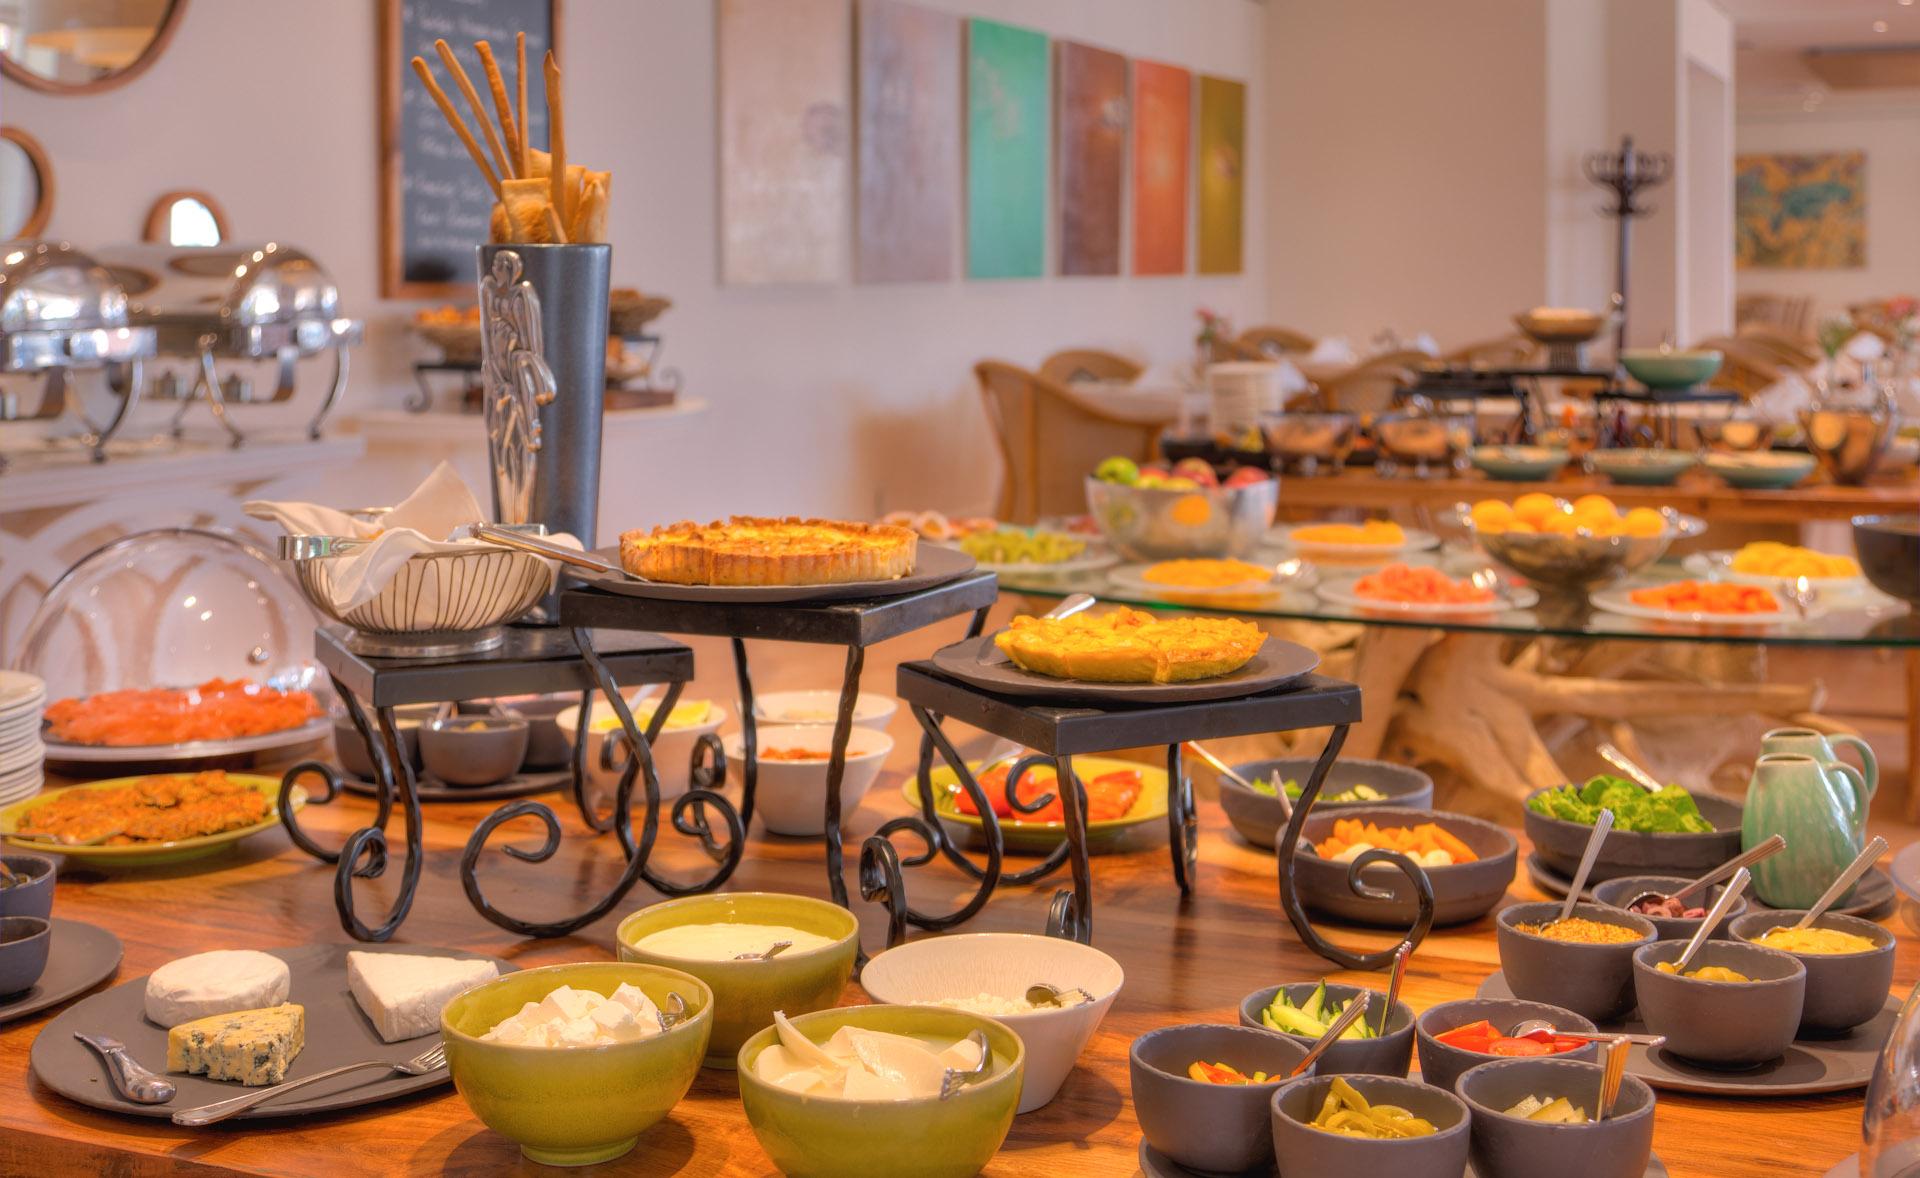 Mount View Hotel Restaurant